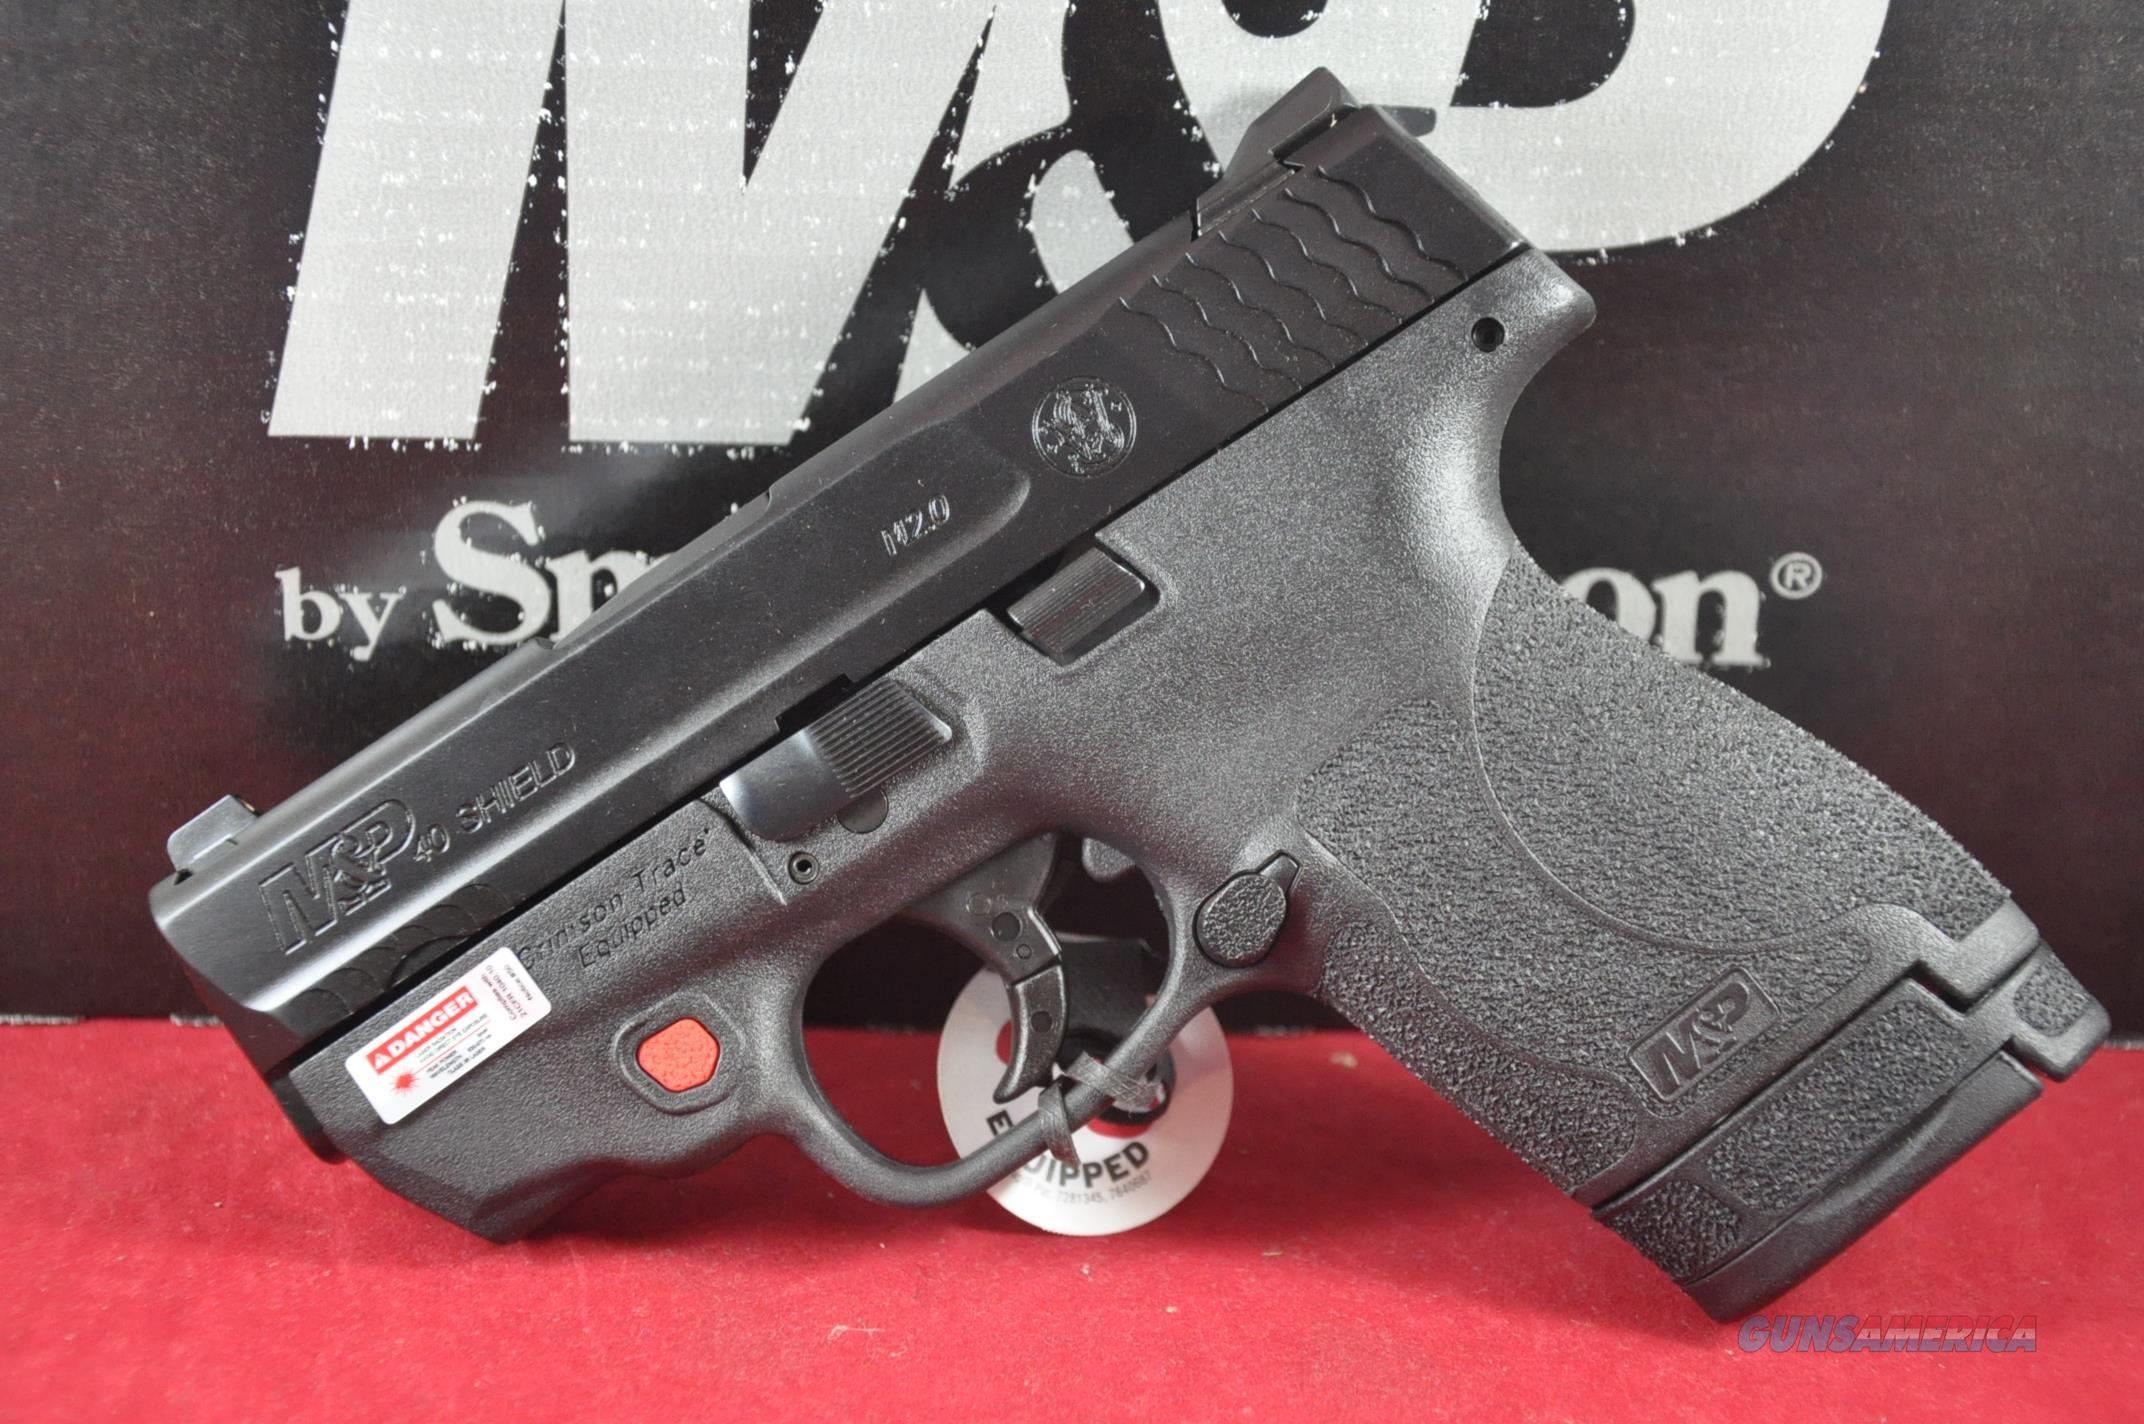 S&W M&P40 Shield M2.0 40S&W CT Laser NoCCFee 11674  Guns > Pistols > Smith & Wesson Pistols - Replica